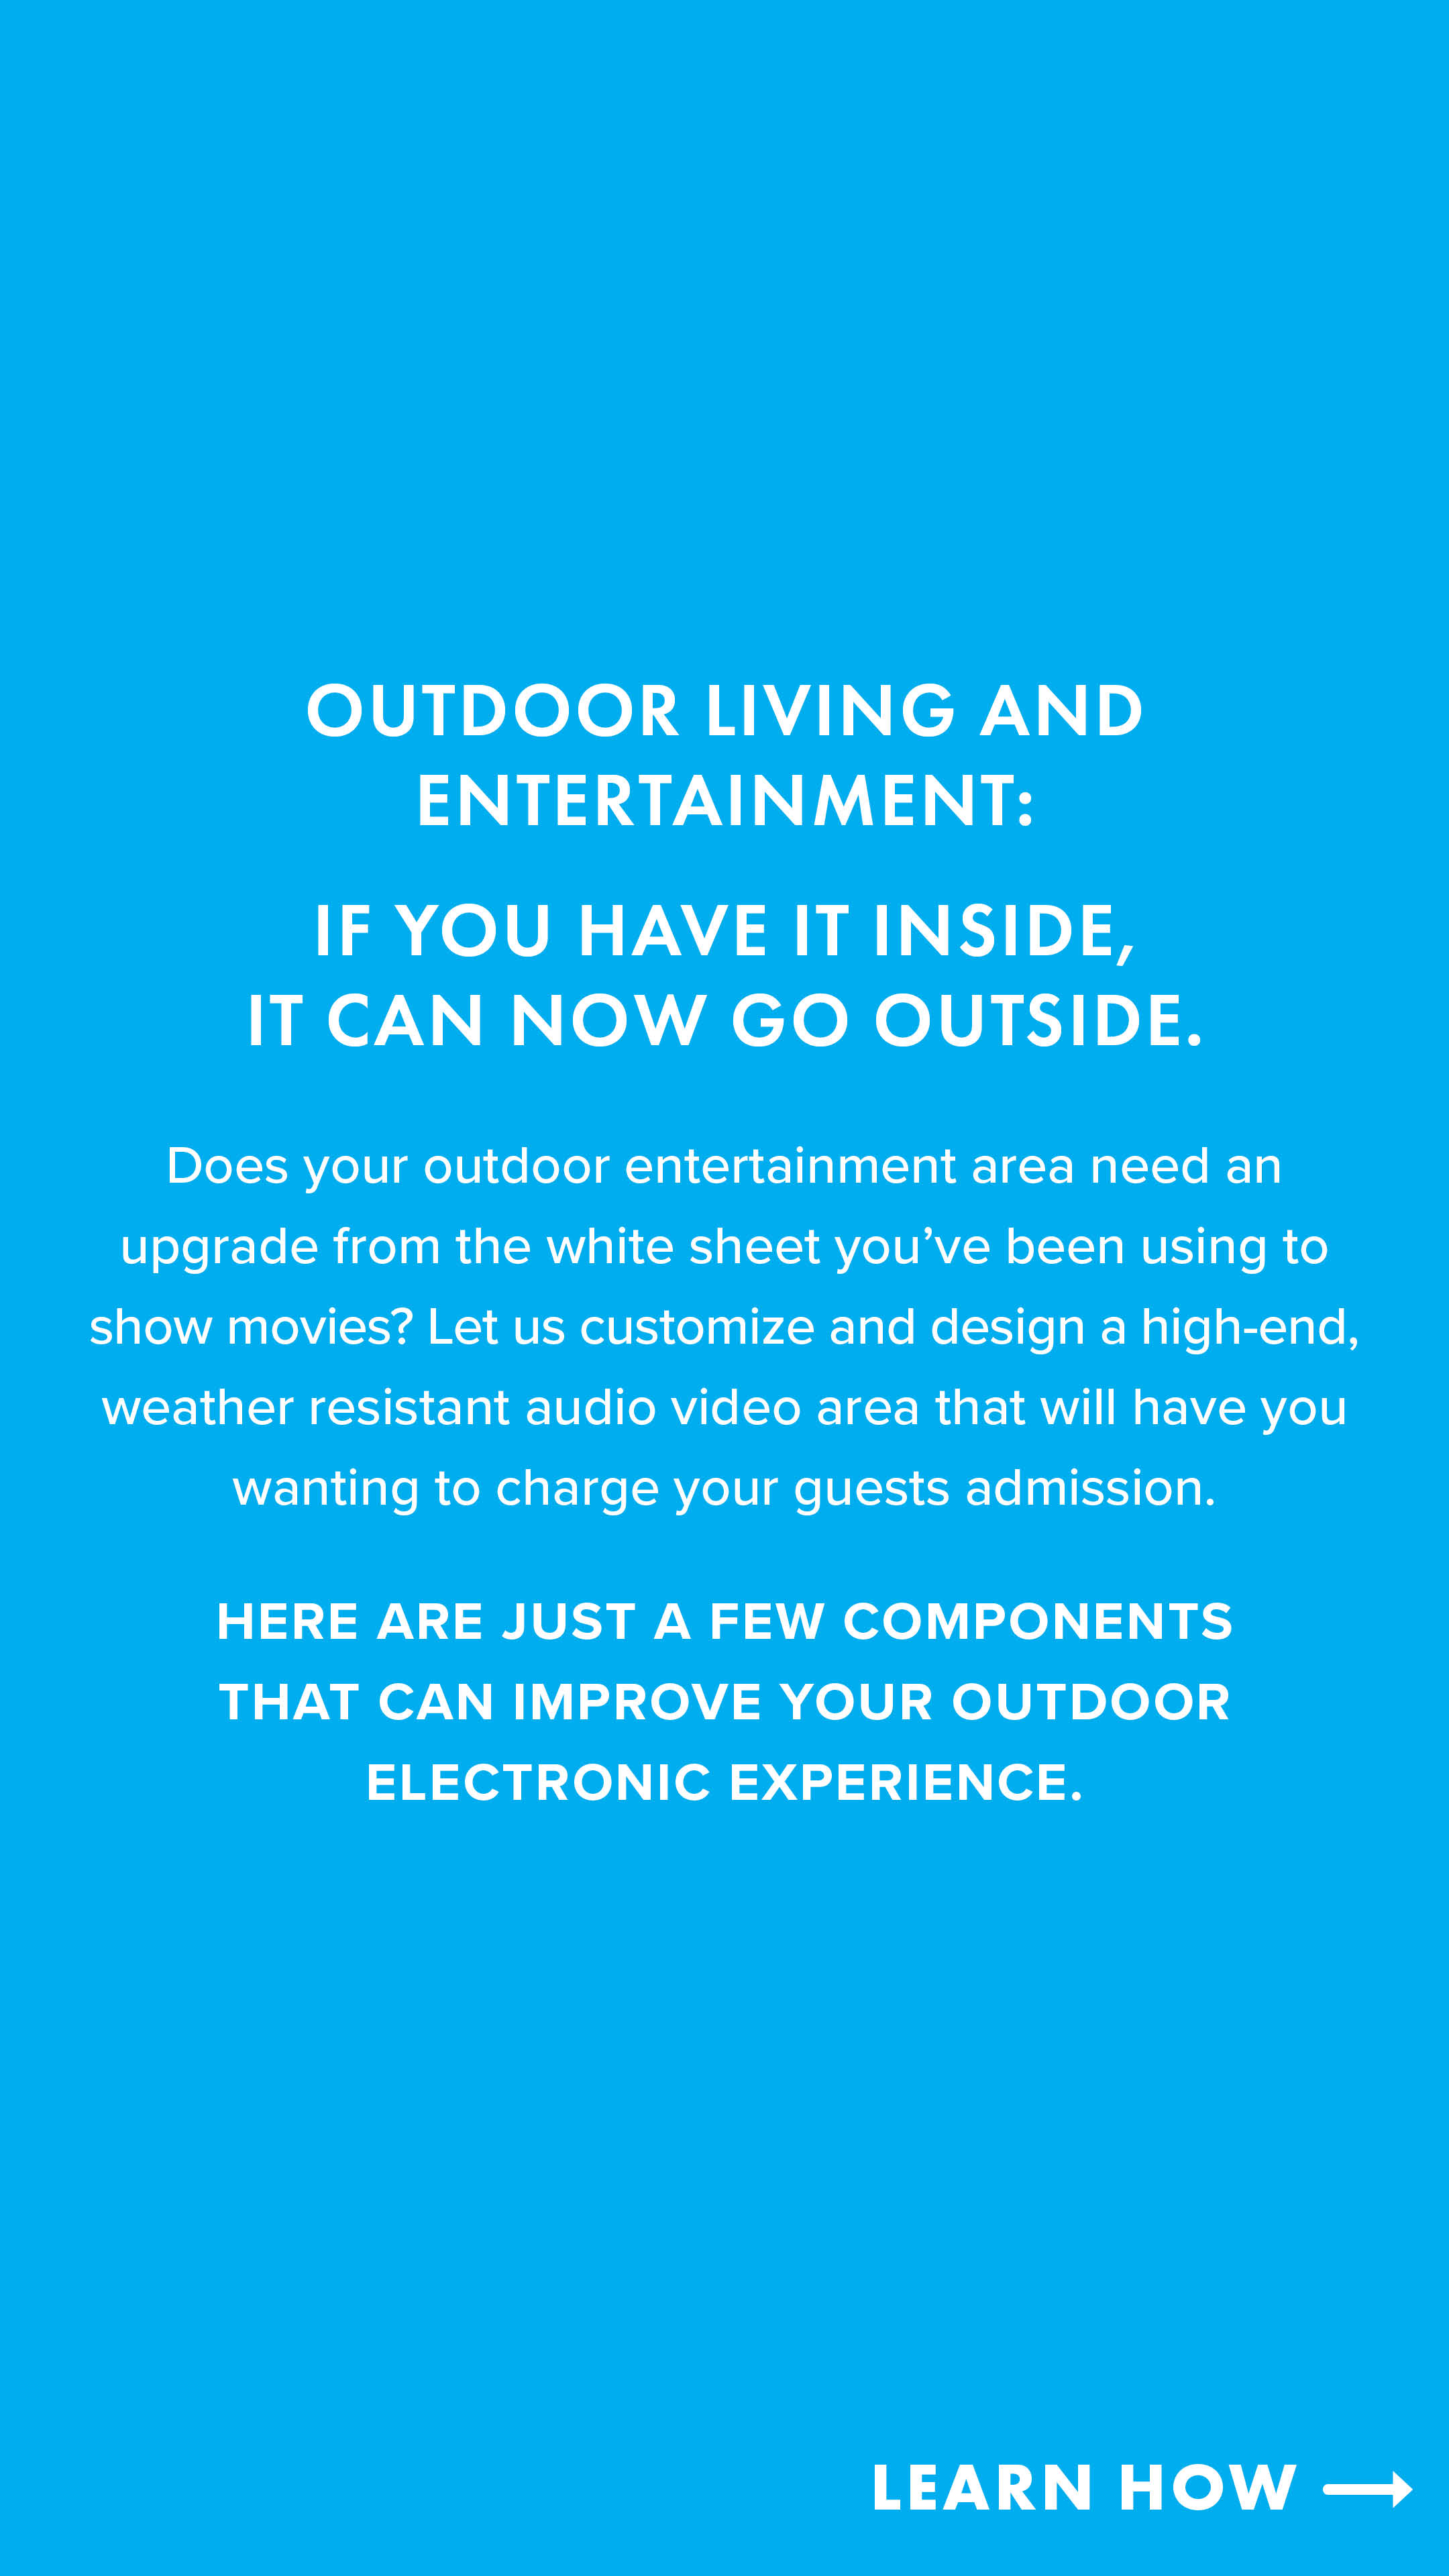 OutdoorLiving_SOC_1080x1920_2.jpg